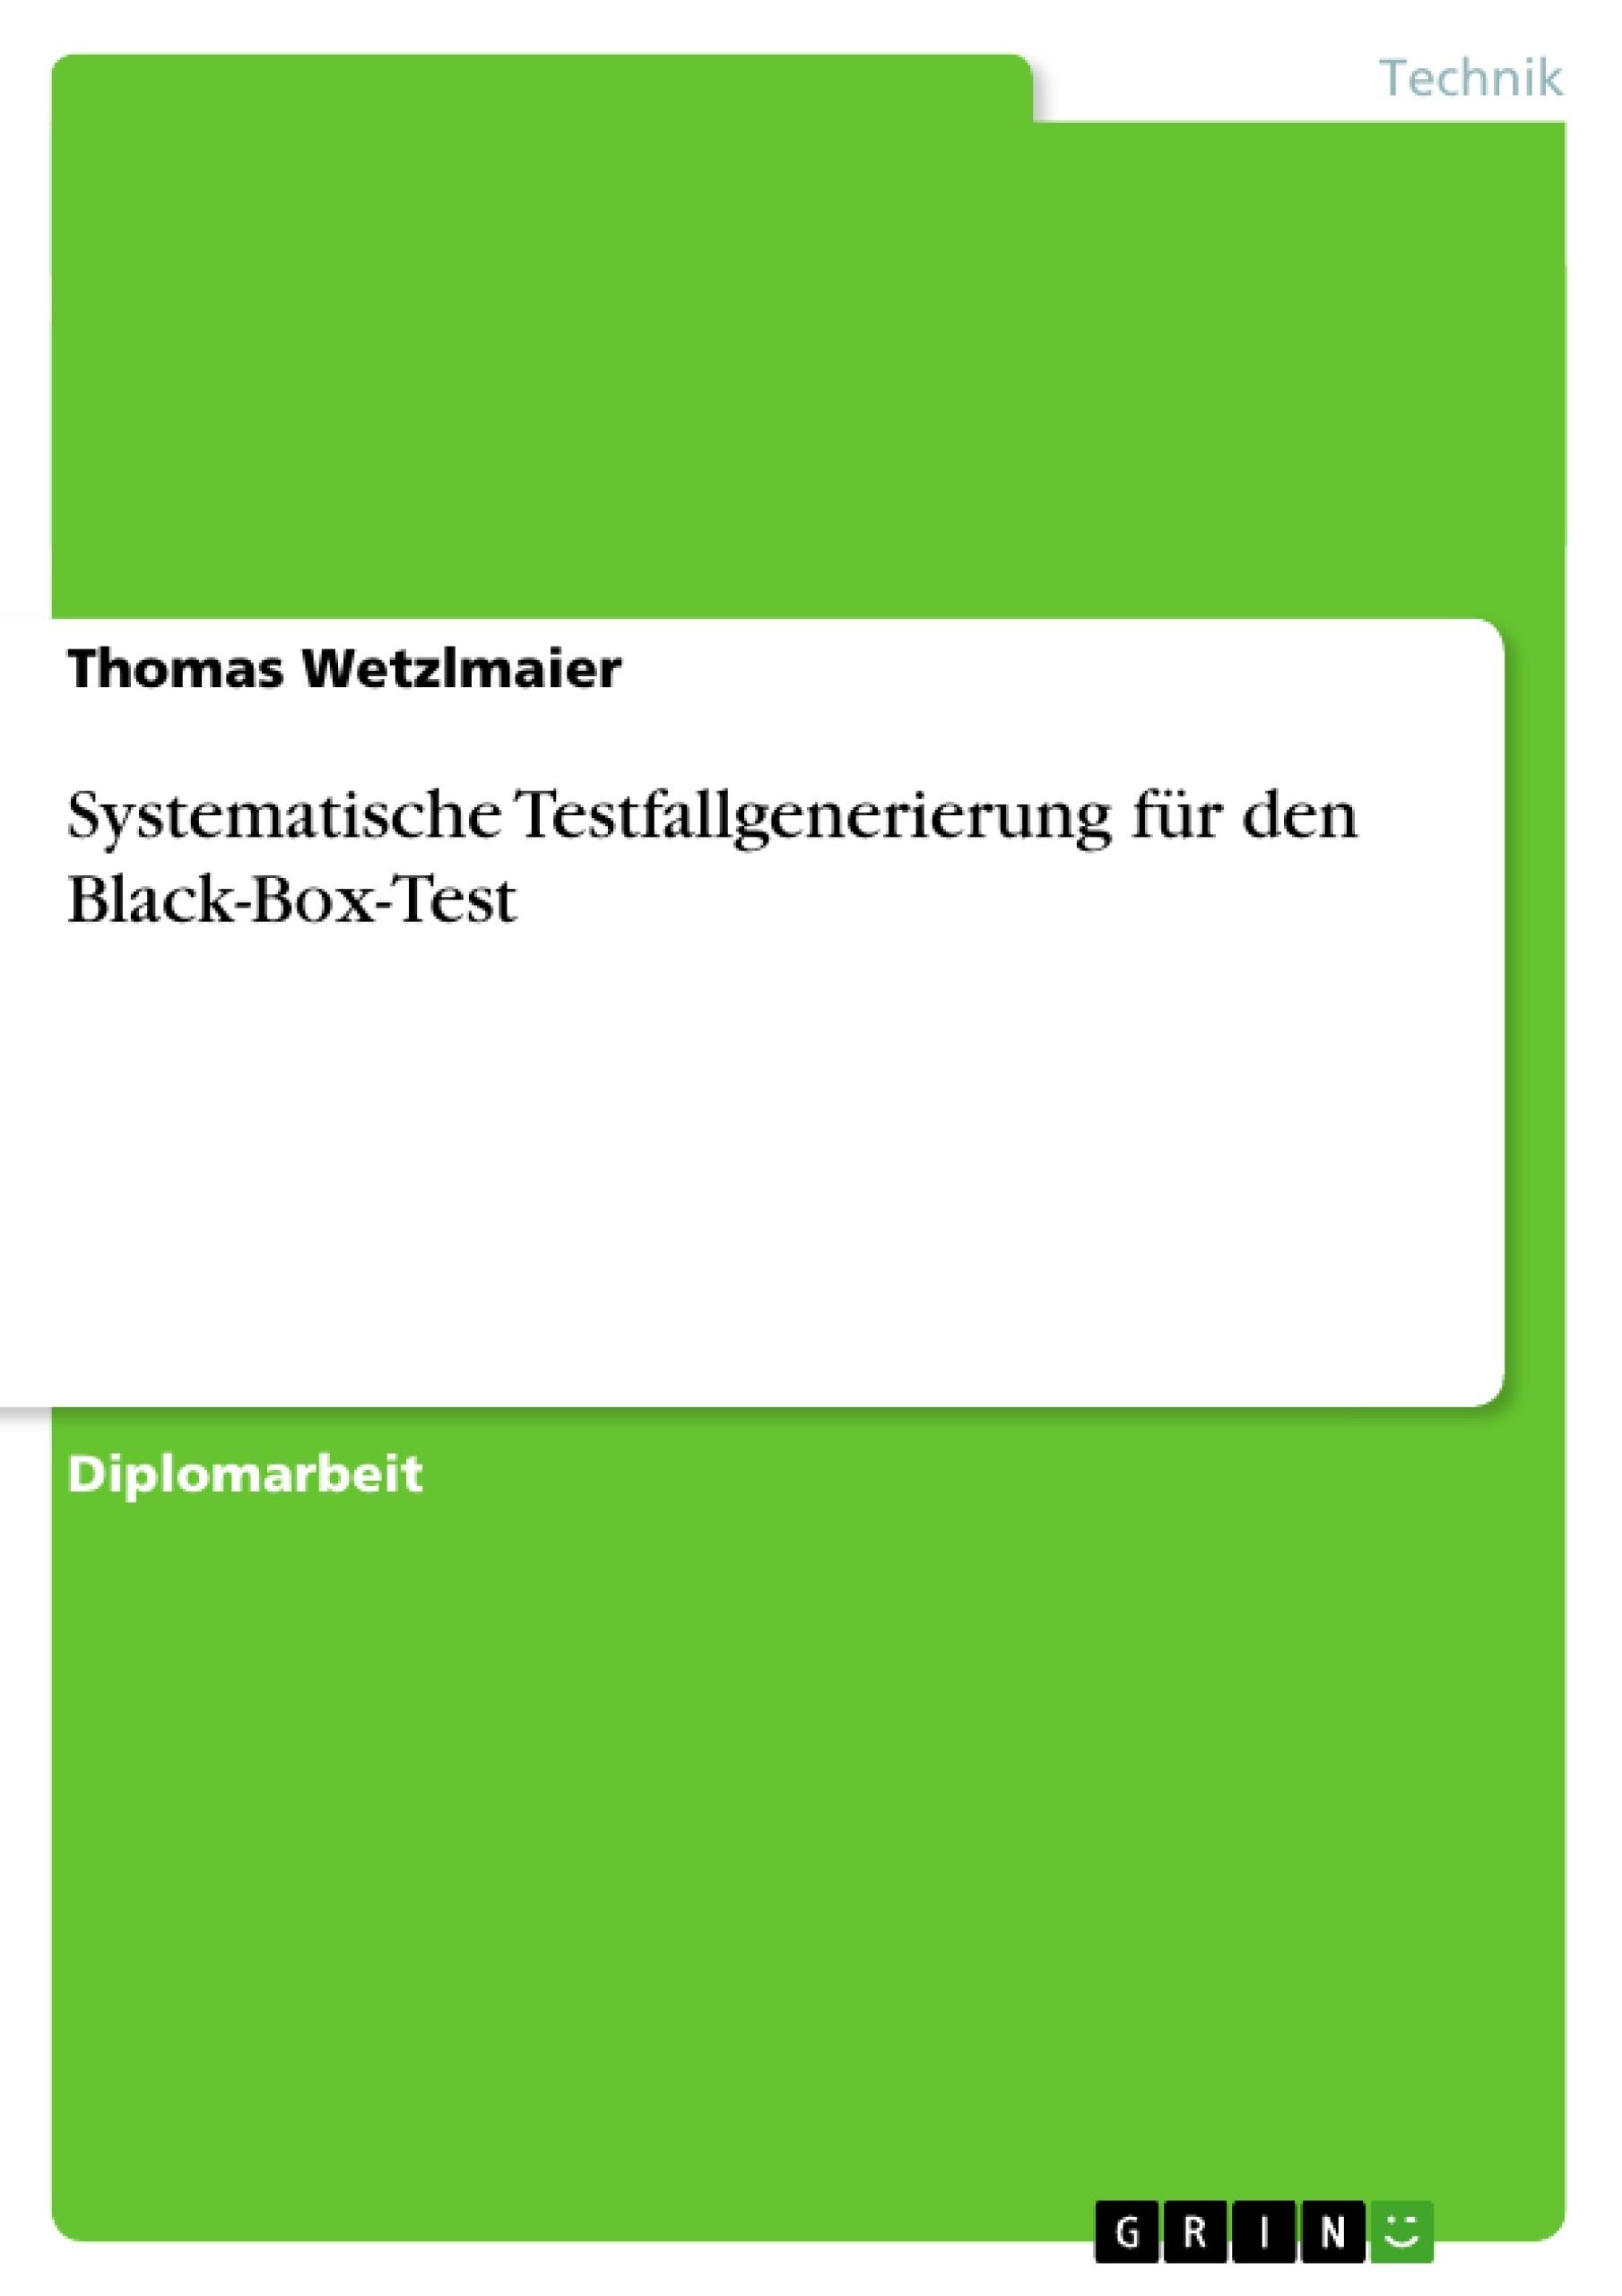 Titel: Systematische Testfallgenerierung für den Black-Box-Test